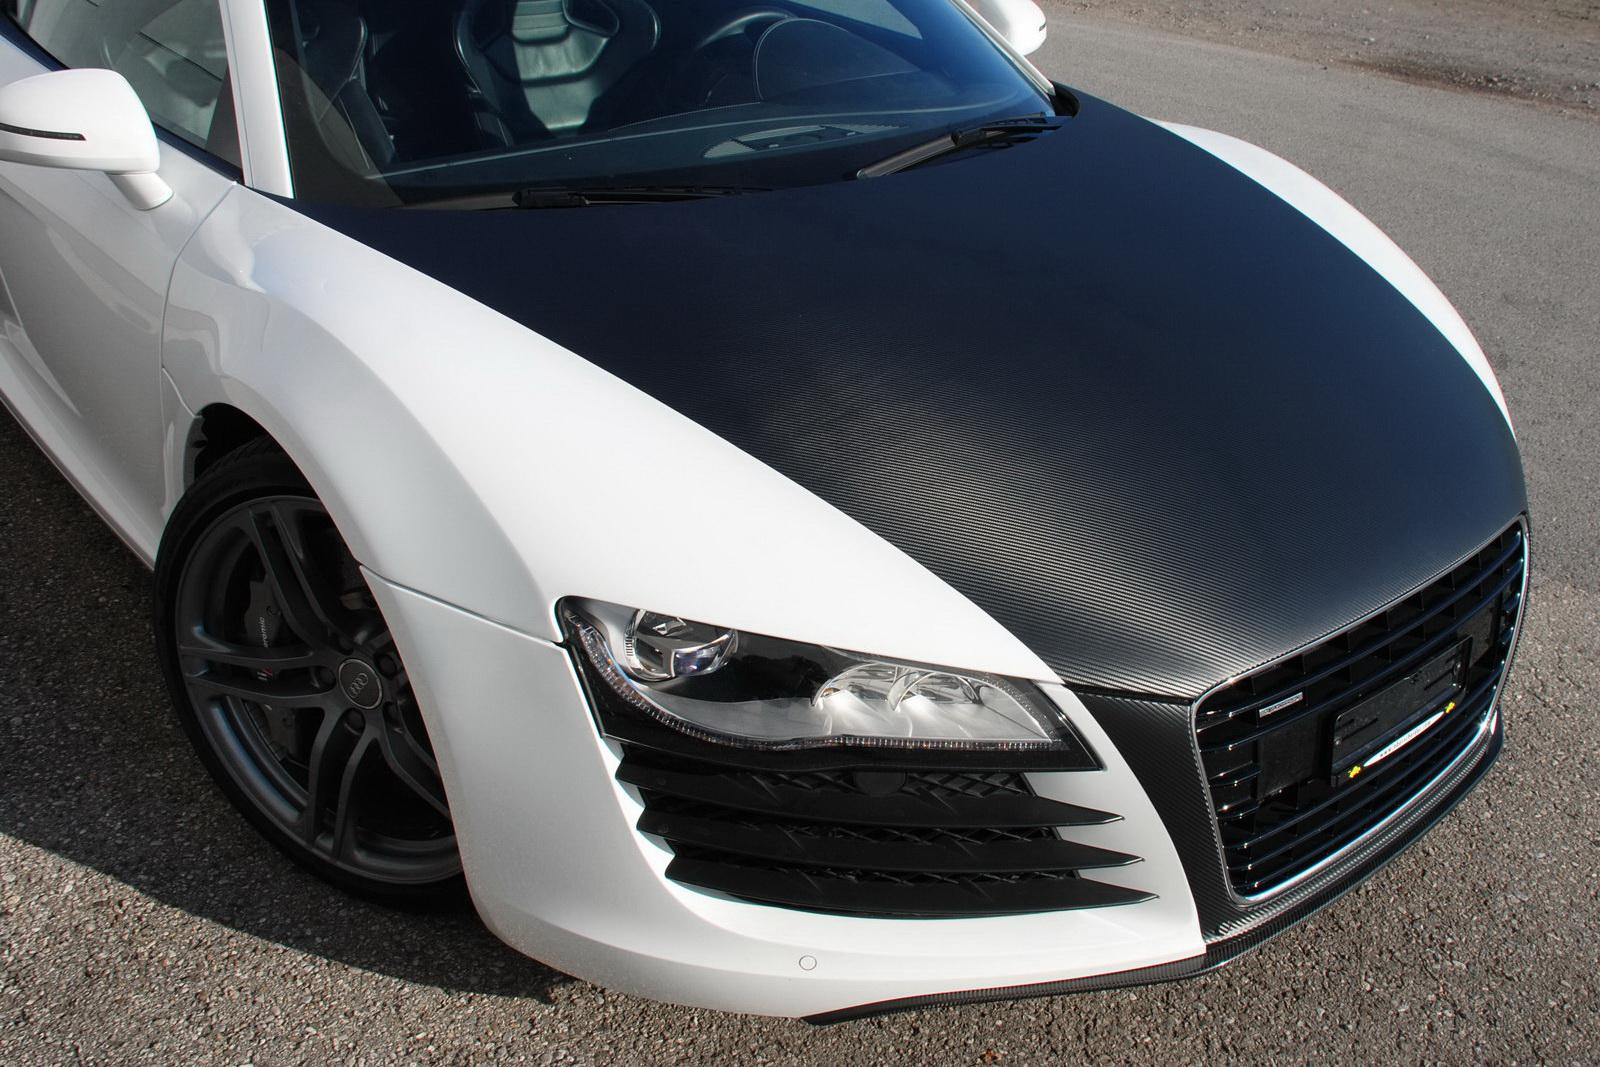 Audi R8 od O.CT. Tuning 2